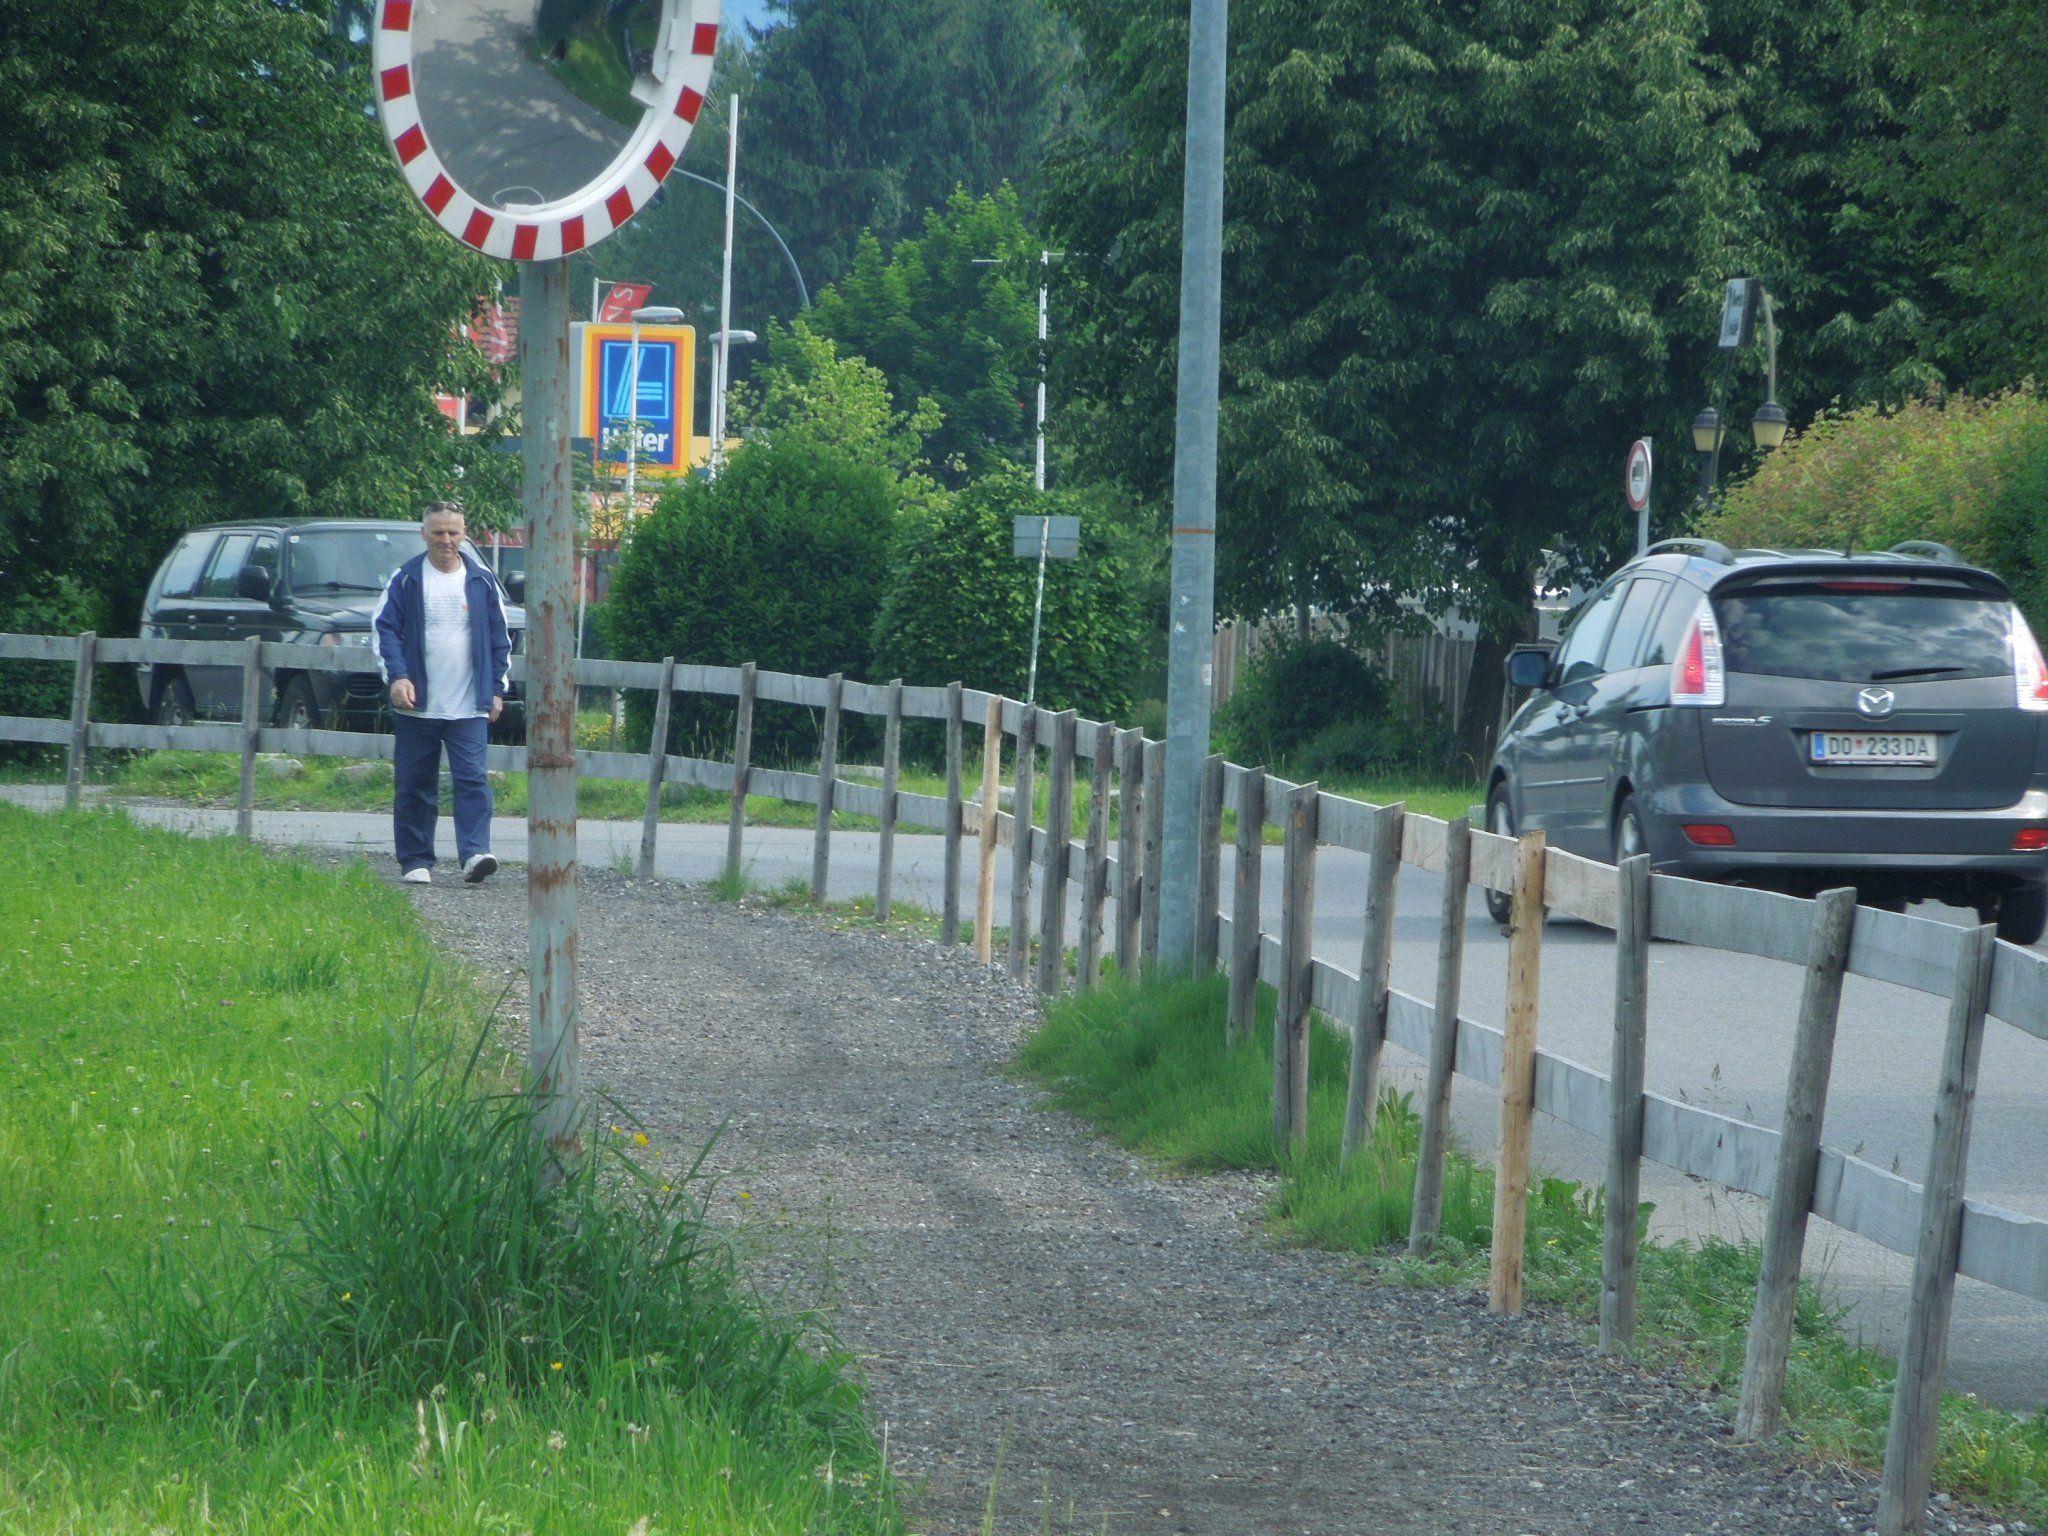 Auf der Färbergasse wird oft das Tempolimit nicht eingehalten. In den nächsten Wochen wird die Polizei diese Strecke verschärft beobachten.